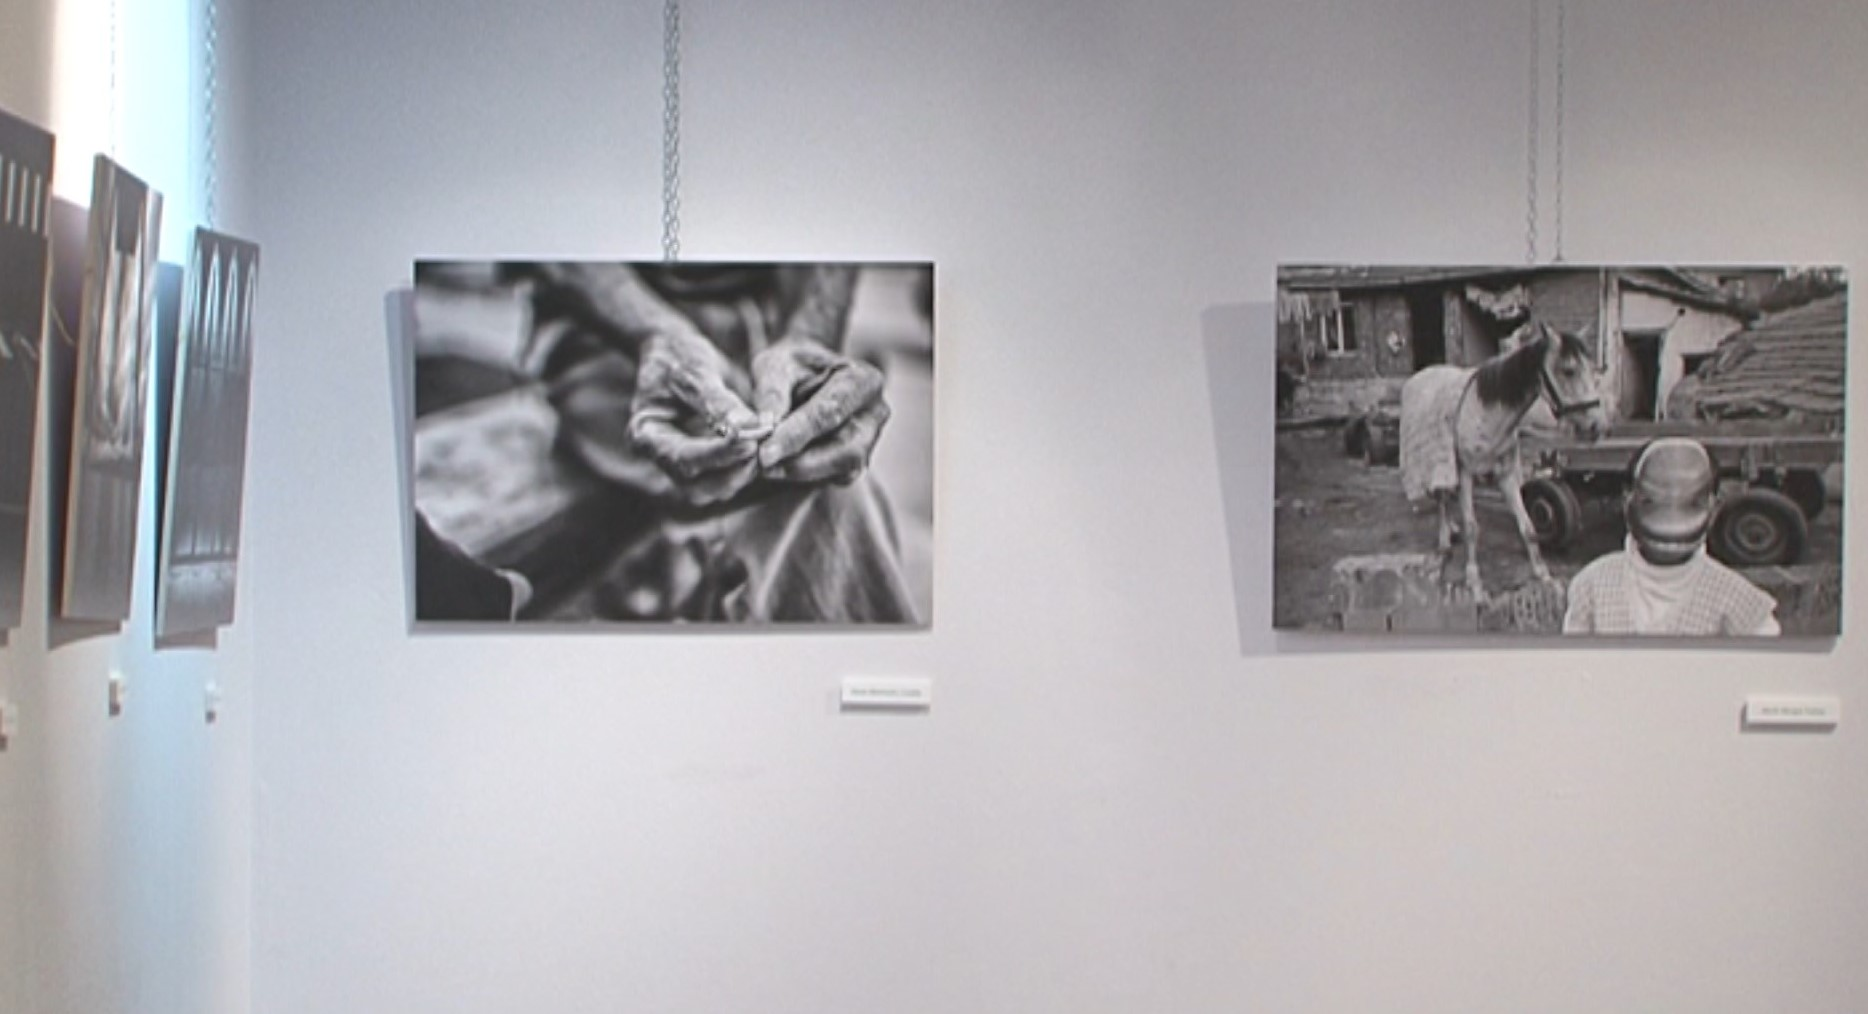 Korçë, 30 fotografë në eksopozitë për nder të mjeshtrit Gjon Mili